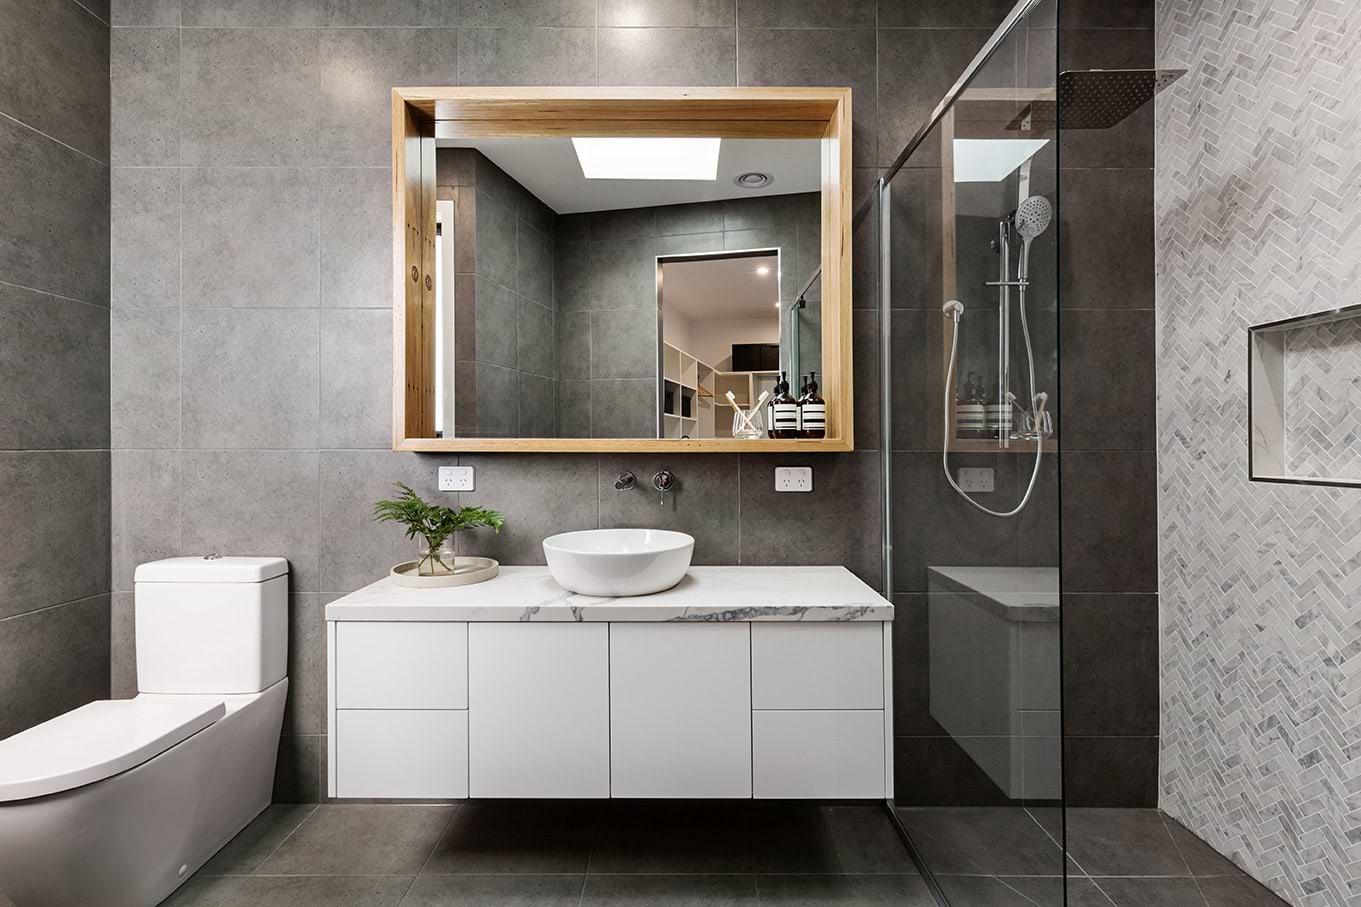 תמונת אוירה אמבטיה עם ארונות אמבטיה